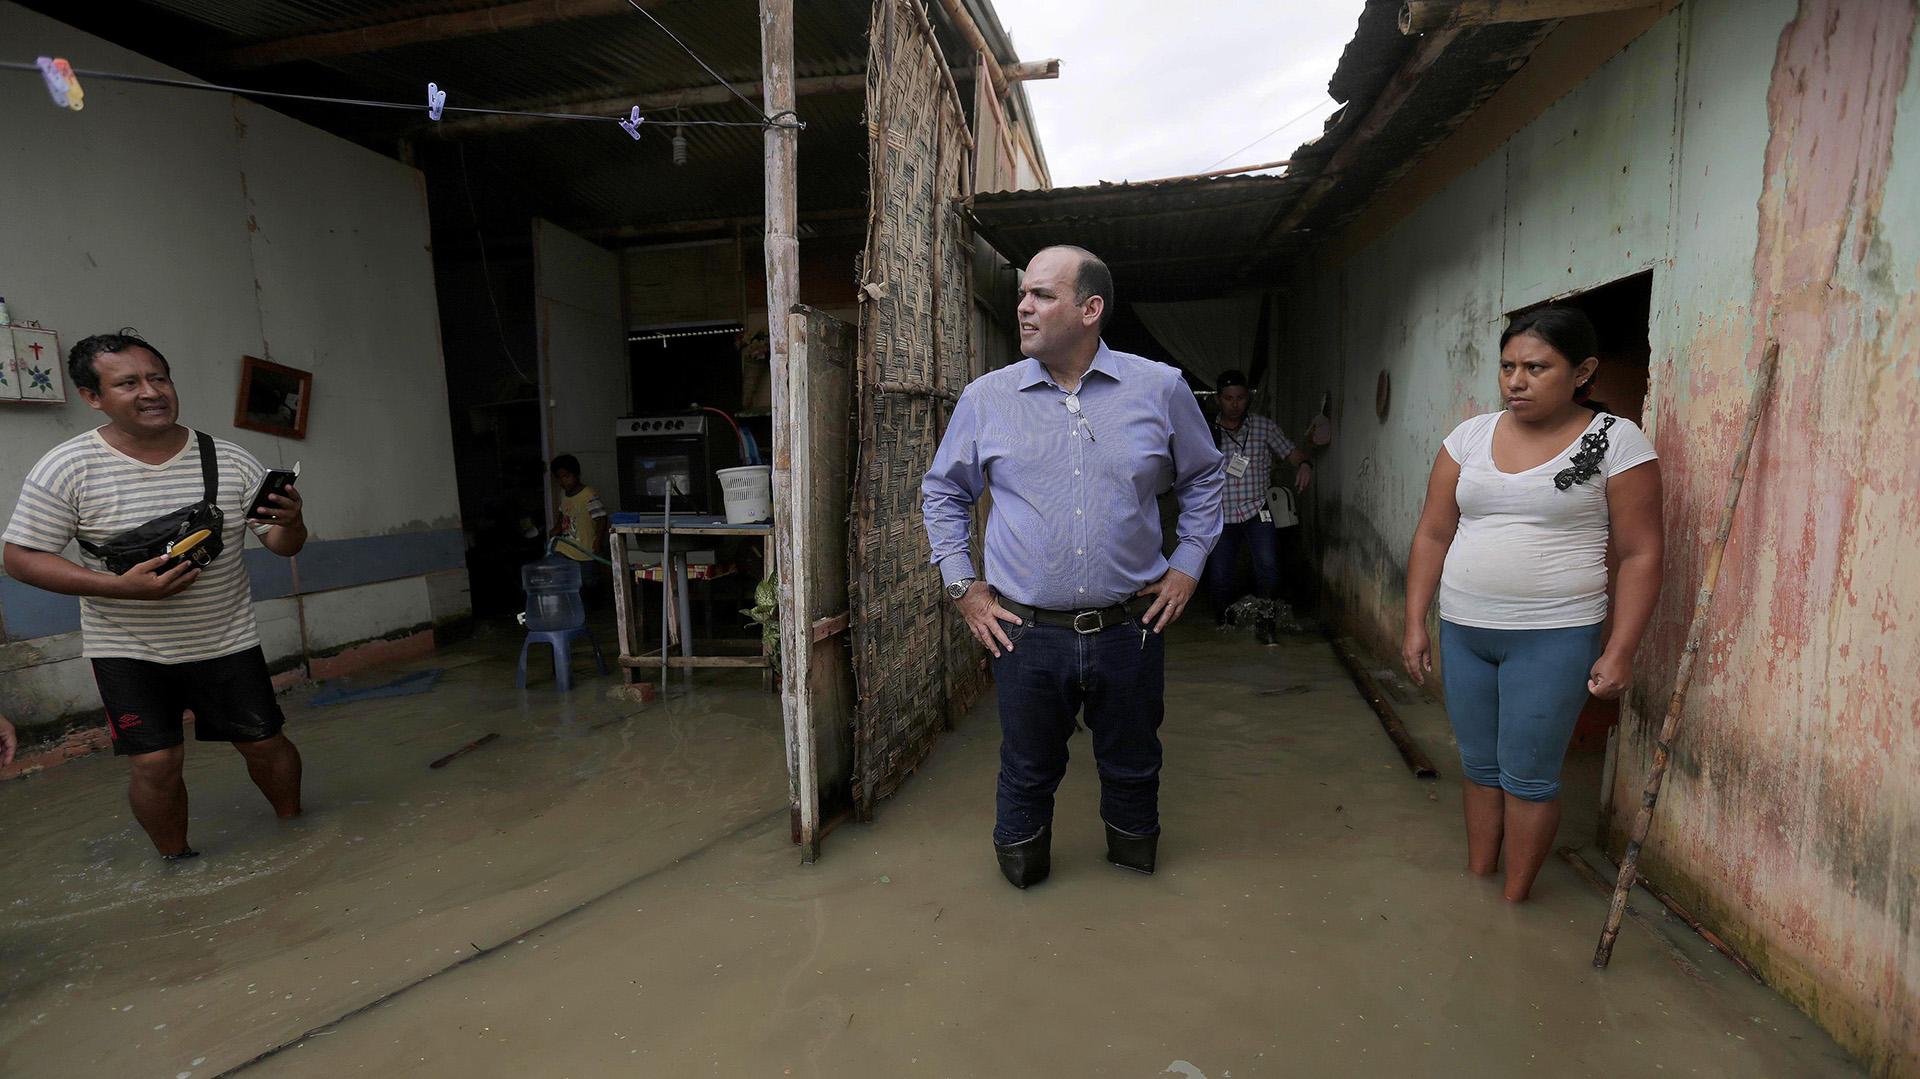 Fotografía cedida por la oficina de prensa de la Presidencia del Consejo de Ministros, muestra al primer ministro de Perú, Fernando Zavala, mientras observa una vivienda inundada por las lluvias torrenciales caídas sobre el sector de El Indio, en la provincia de Castilla, de la región de Piura, en la costa norte de Perú (EFE)